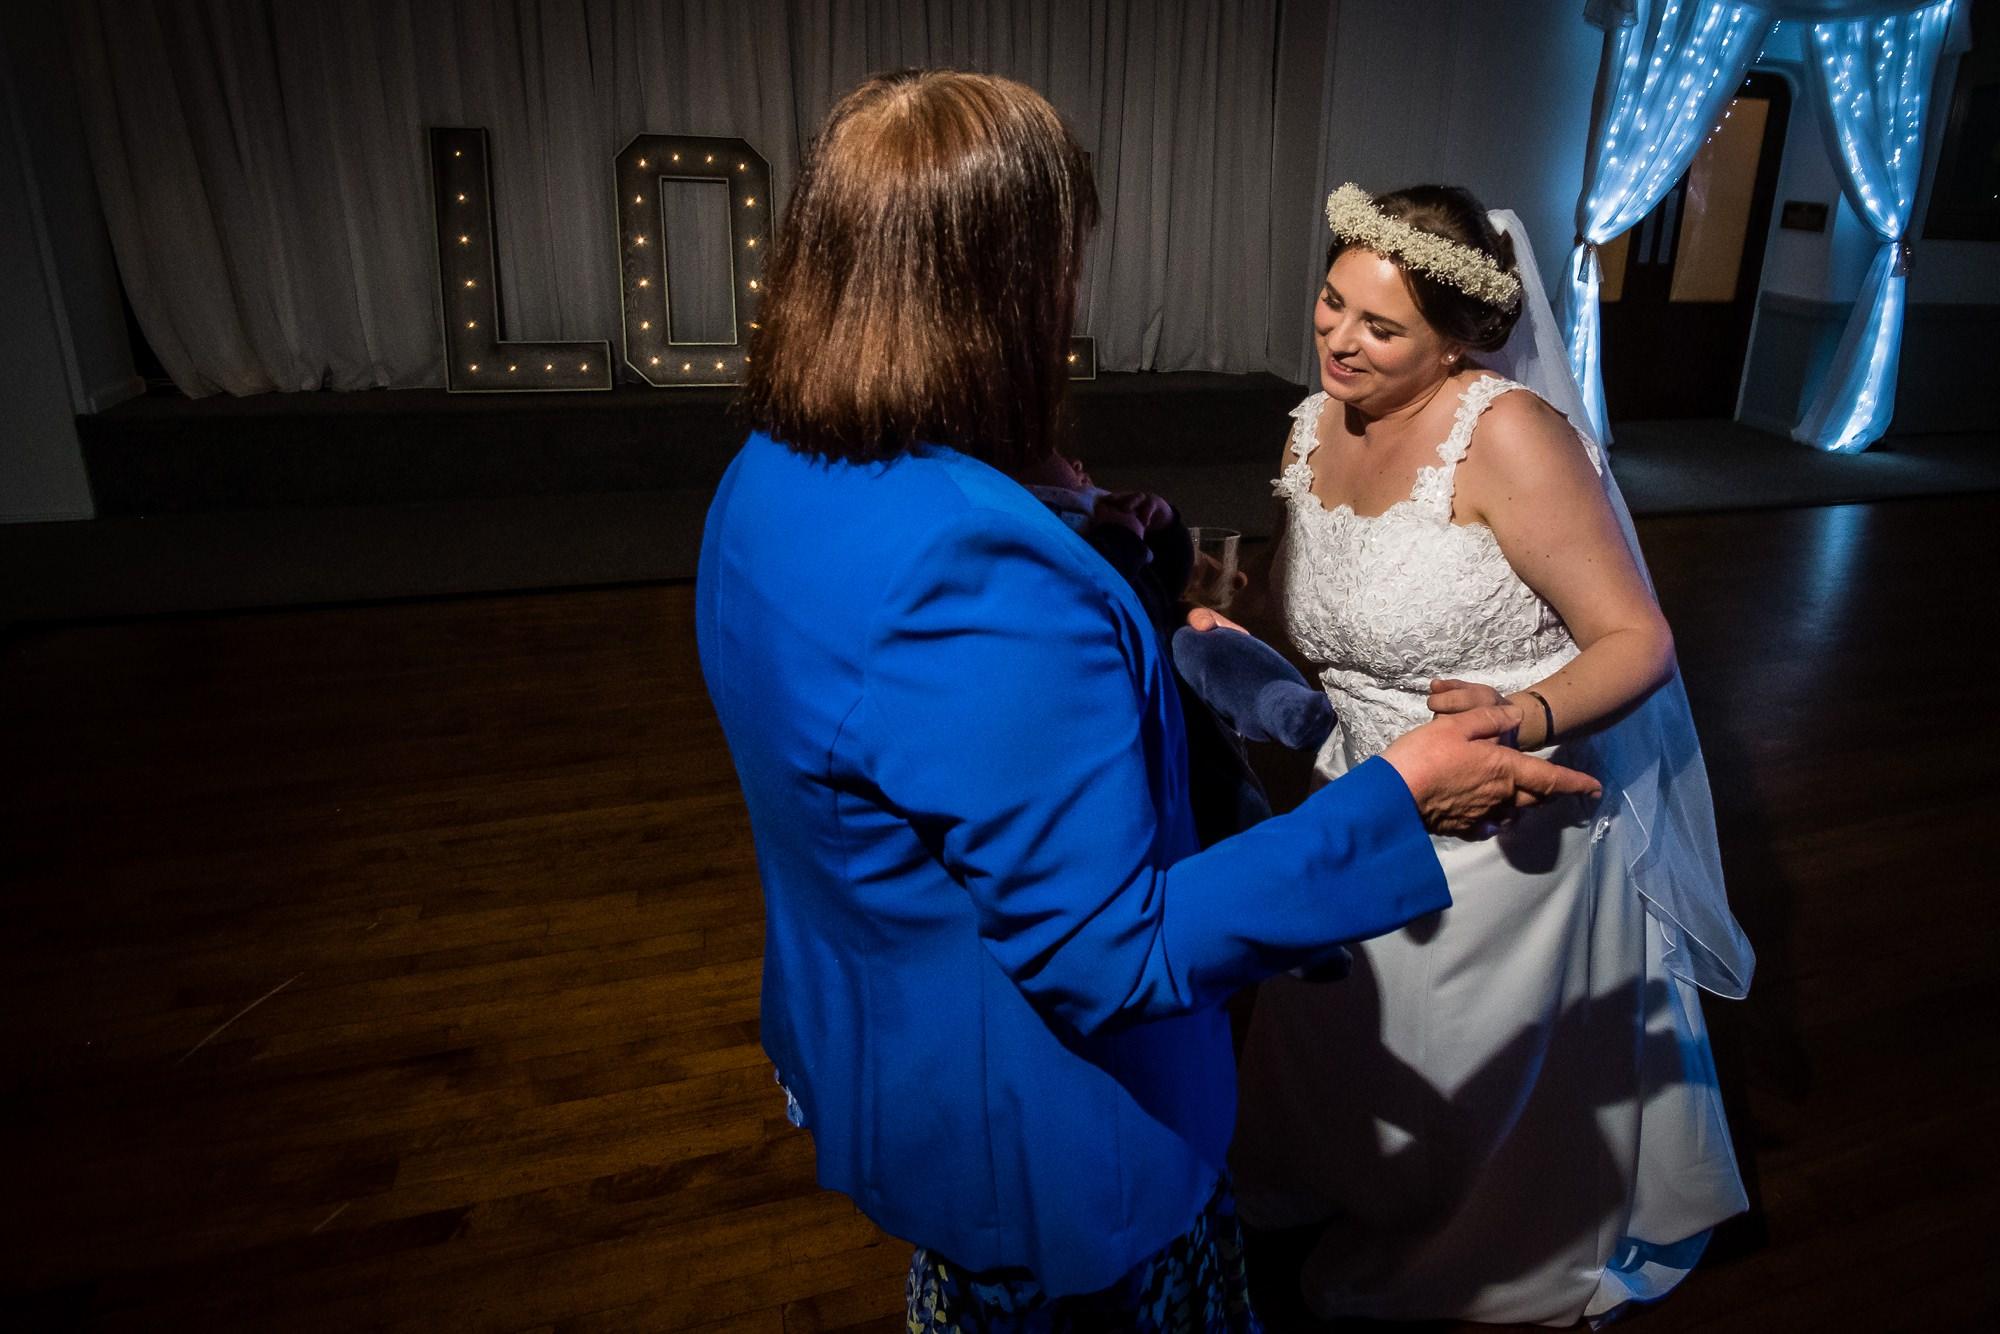 mum and bride dancing